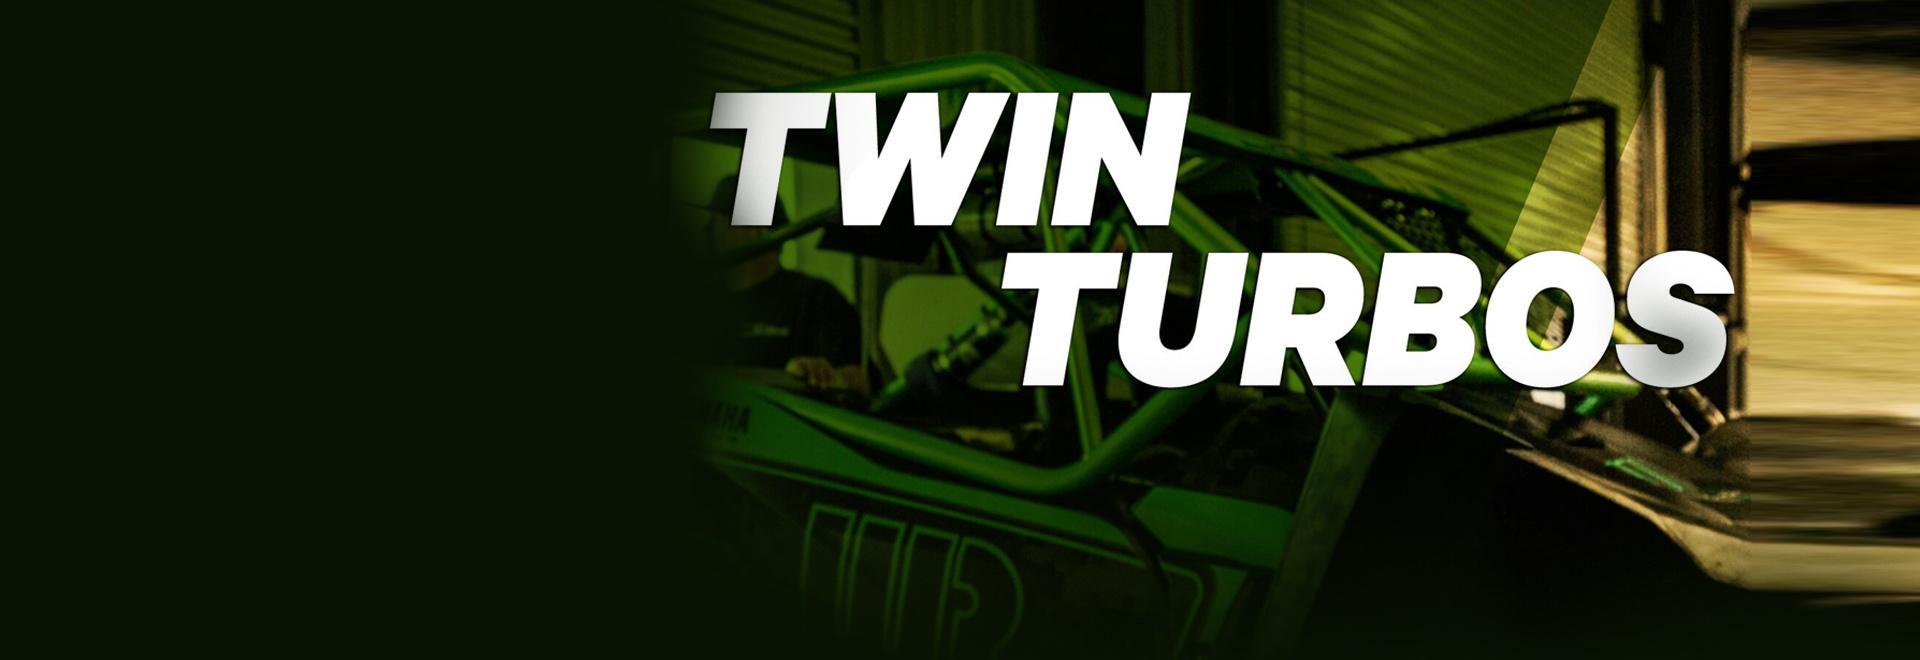 Nel nome del turbo